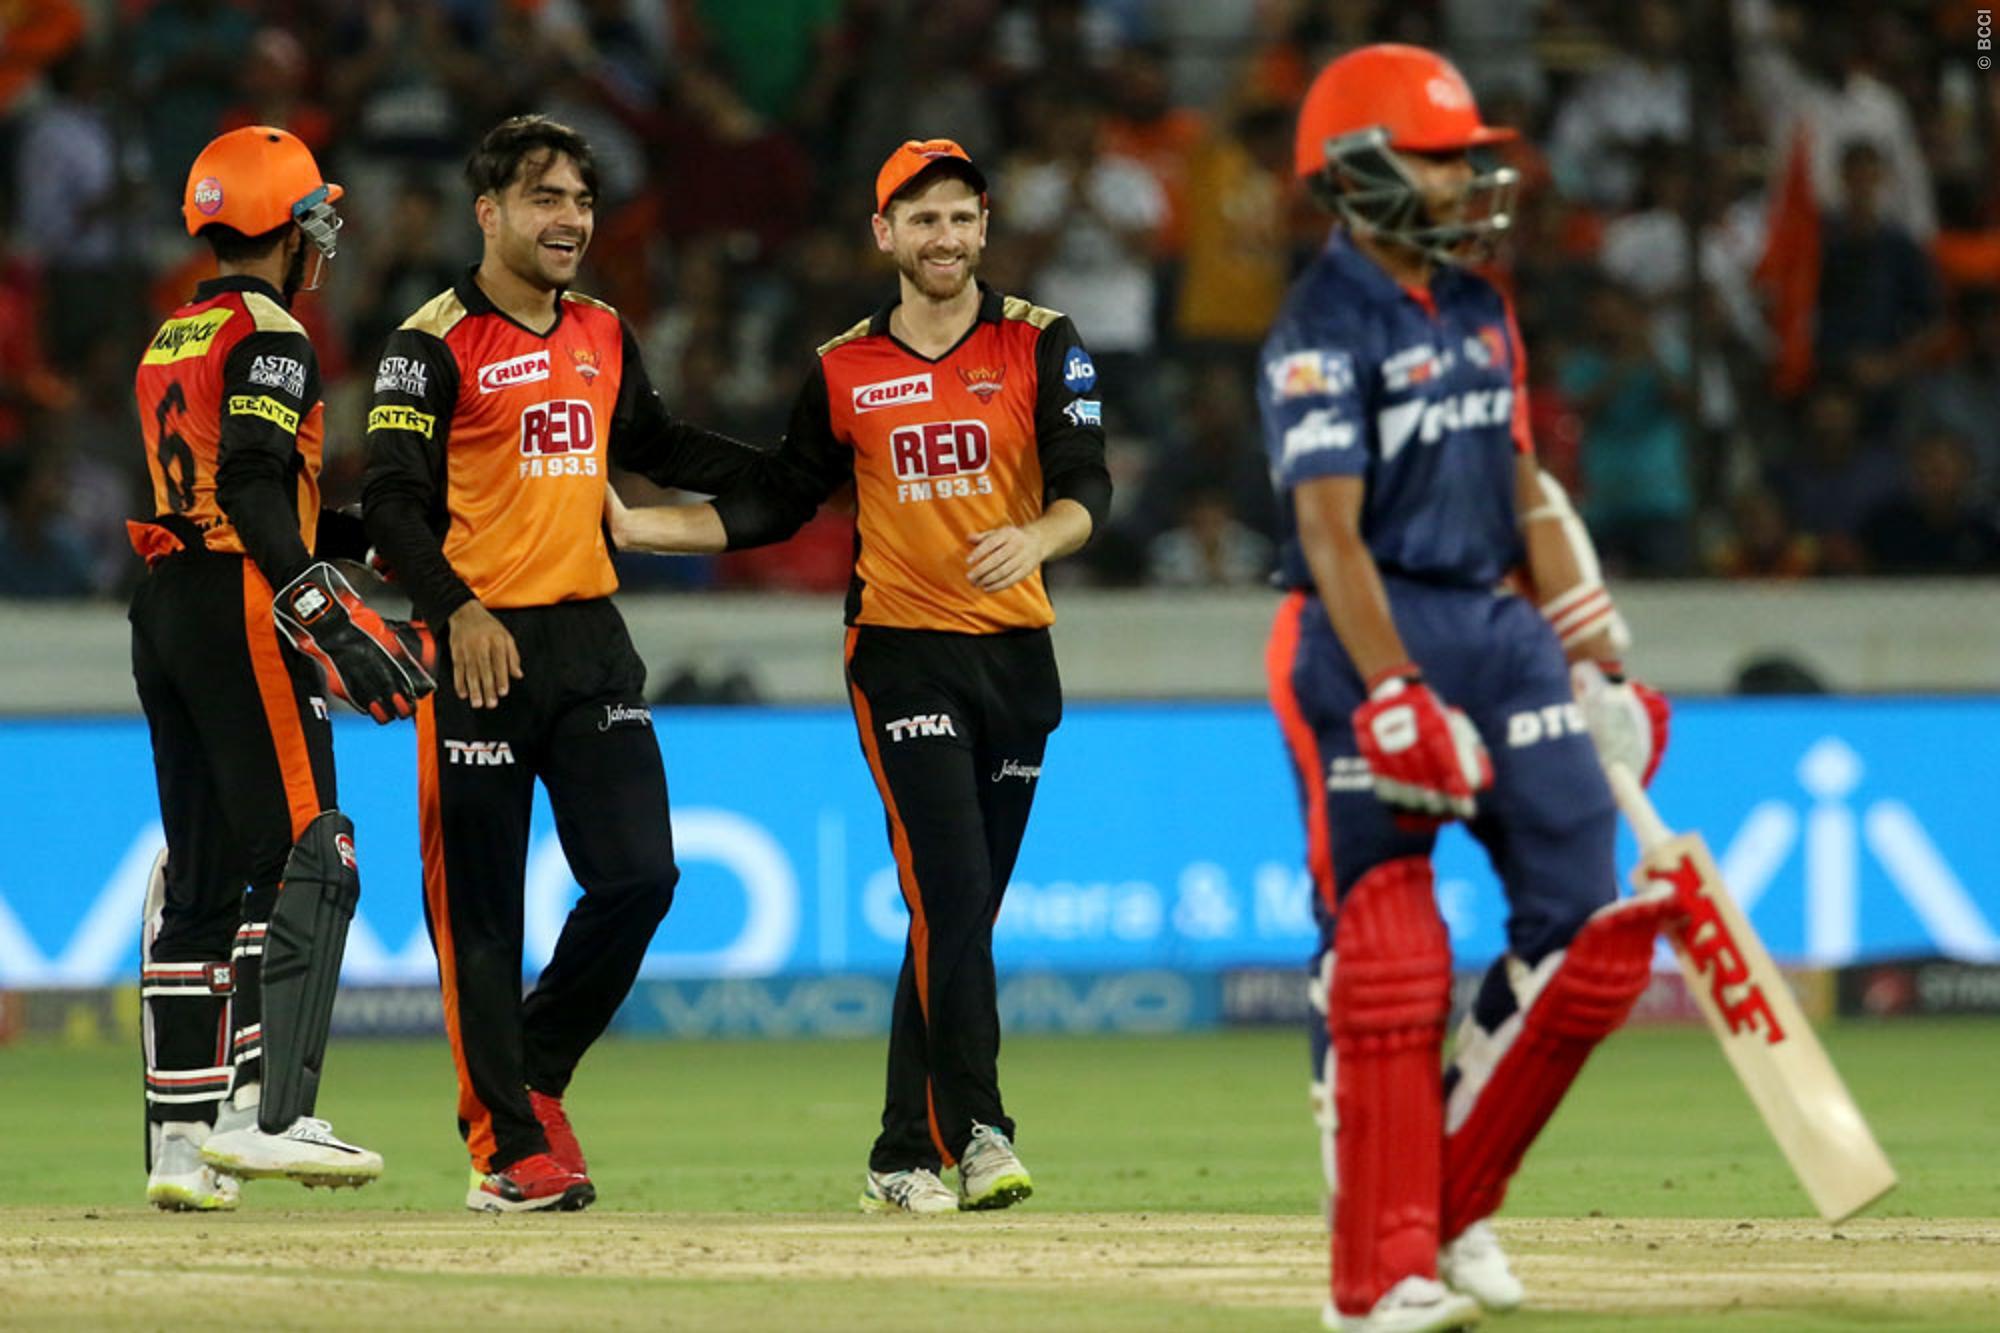 IPL 2018: टॉस से पहले ही अगर श्रेयस अय्यर ने नहीं की होती ये गलती तो दिल्ली डेयर डेविल्स का जीतना था तय 5